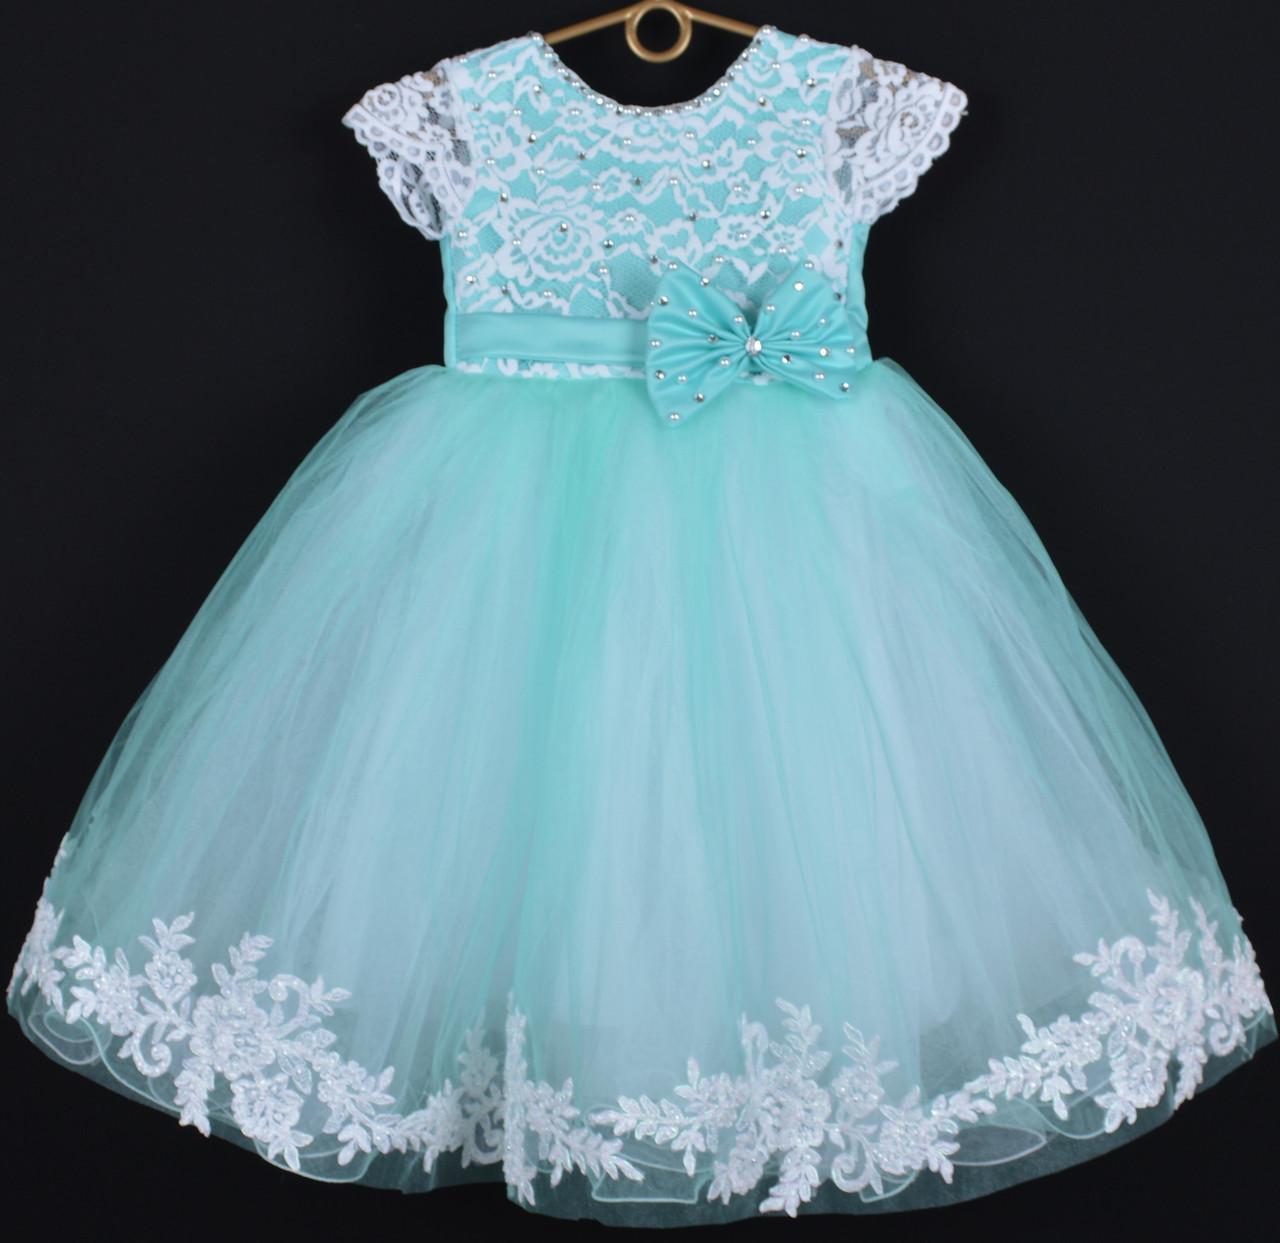 """Платье нарядное детское """"Исабель"""" с аппликацией 4-6 лет. Мята. Оптом и в розницу"""